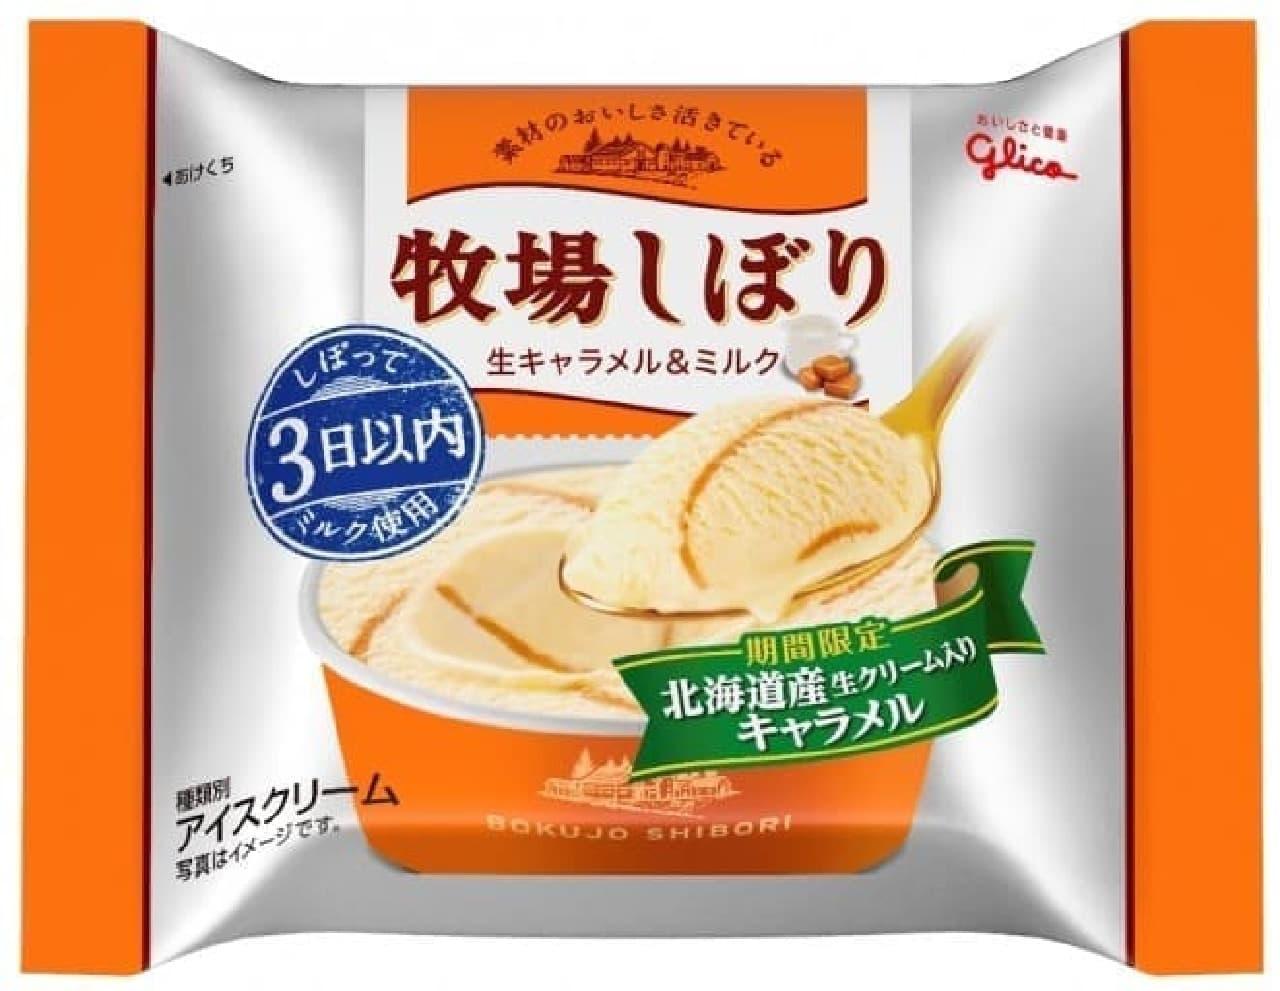 牧場しぼり 生キャラメル&ミルク